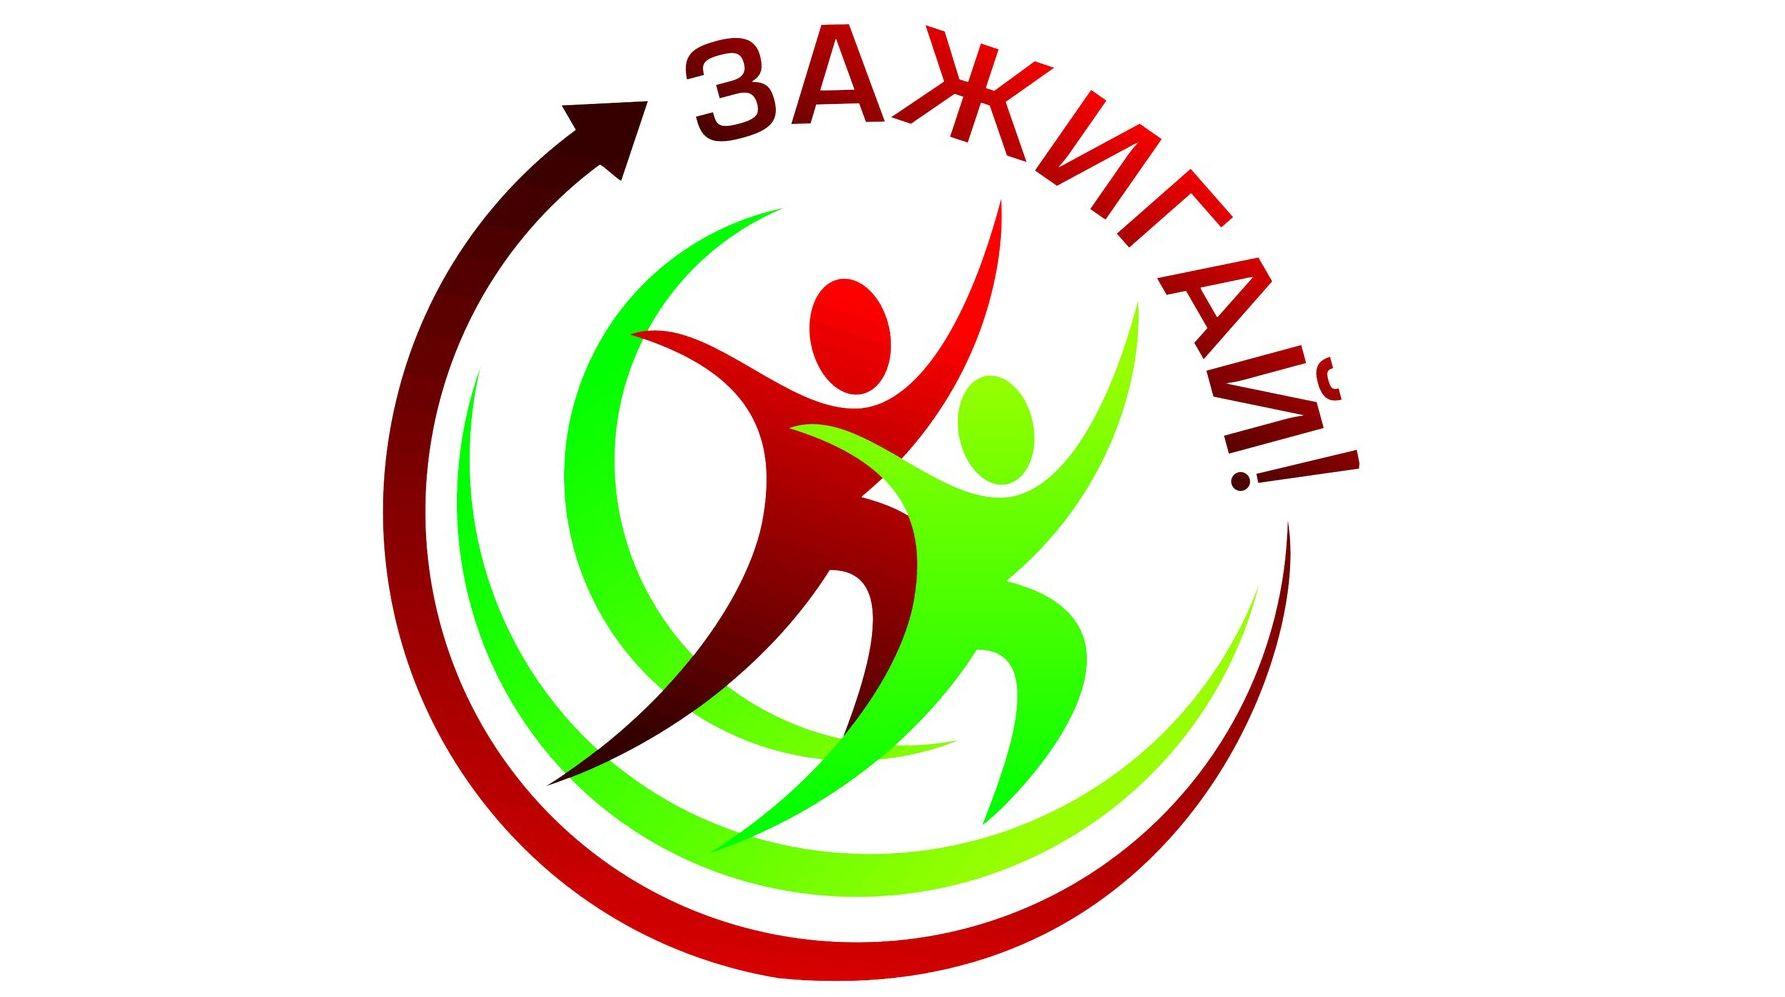 В Ярославской области стартовала профилактическая акция «Зажигай!», посвященная Всемирному дню здоровья